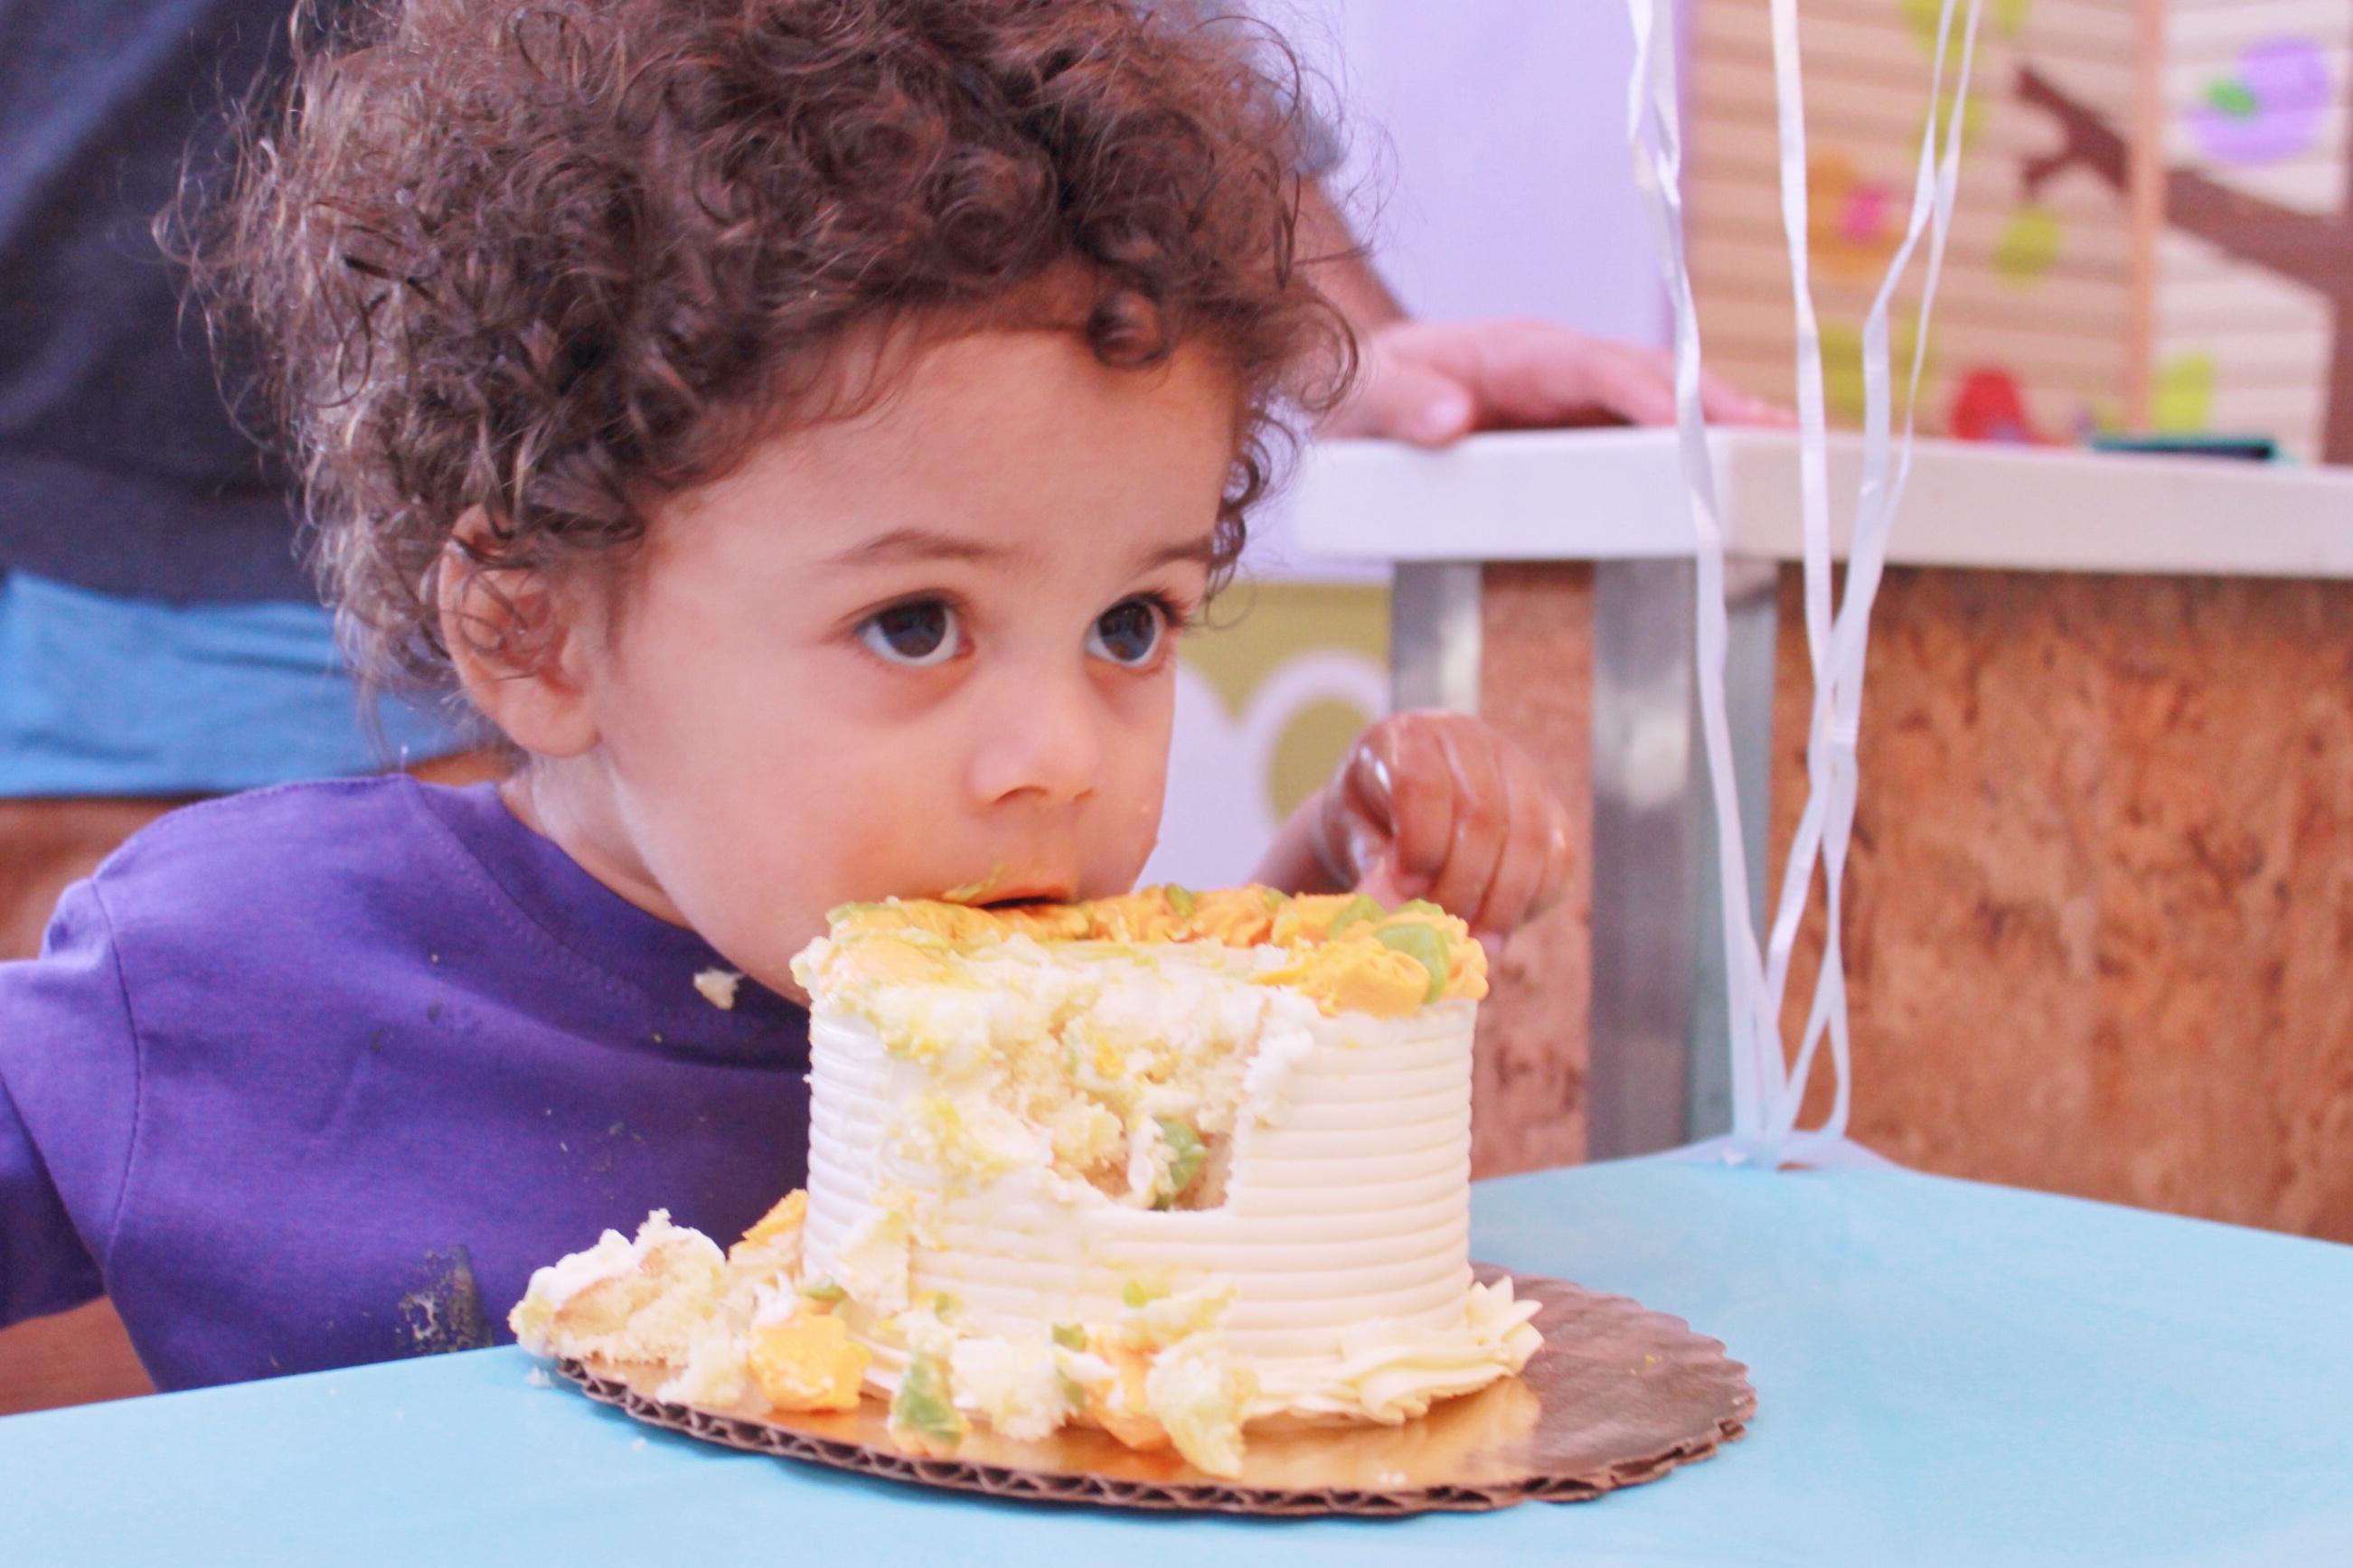 Splurge - Westley Enjoying His Smash Cake